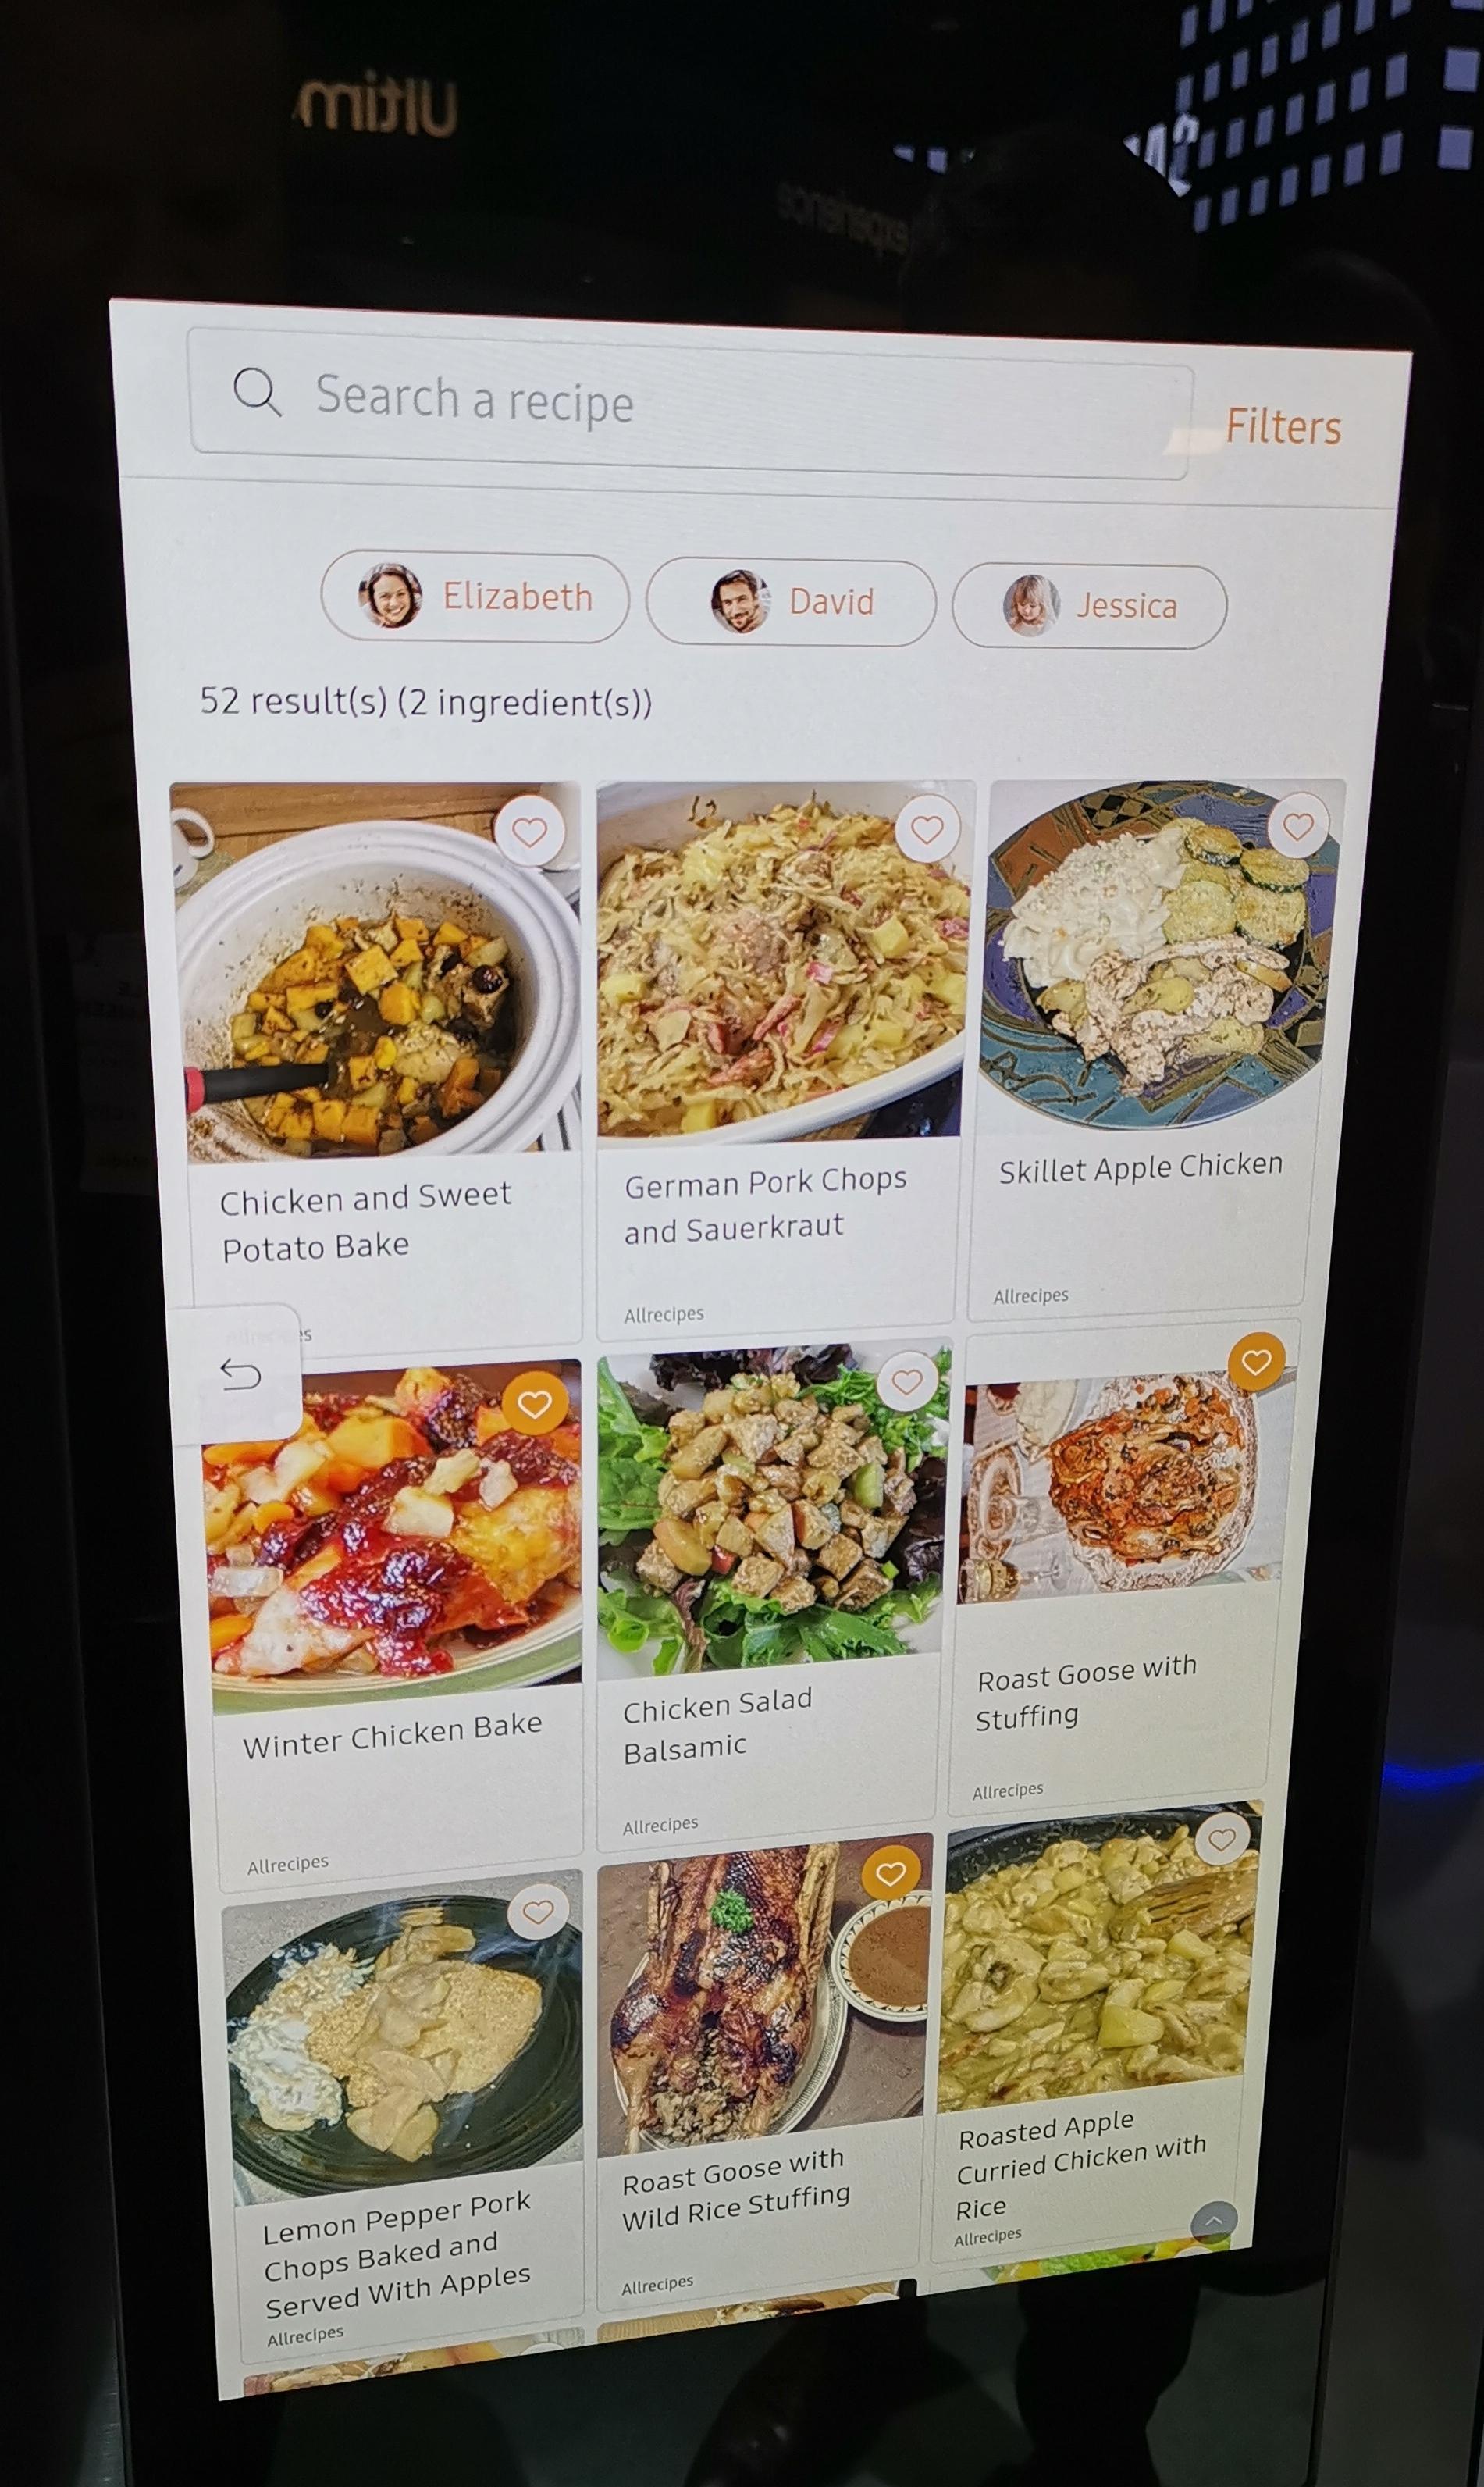 Kjøleskapet forteller hva du kan lage med matvarene du har tilgjengelig. Den kan også ta hensyn til allergier.